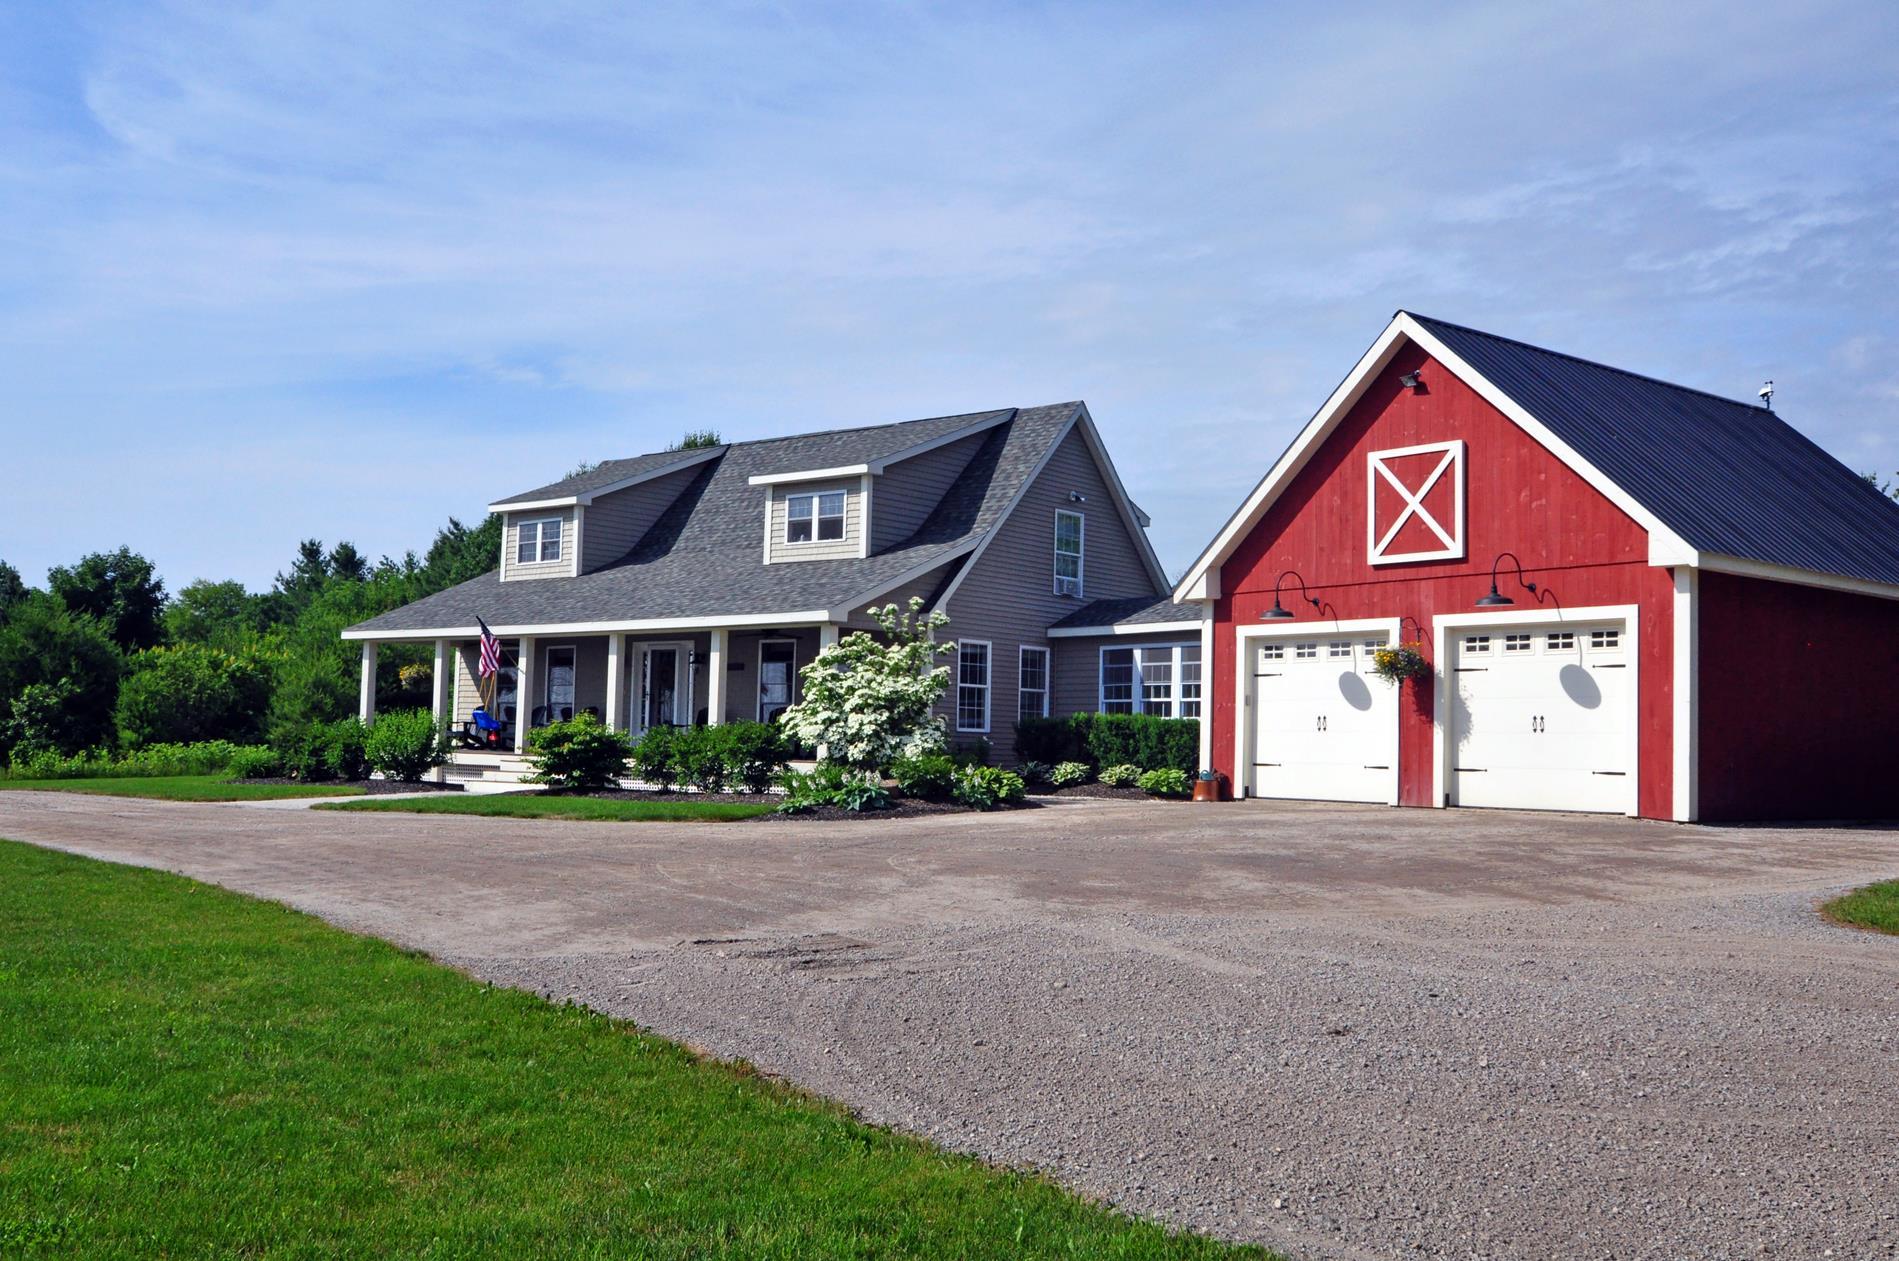 Maison unifamiliale pour l Vente à 178 Waldron Hill Rd, Warner Warner, New Hampshire 03278 États-Unis